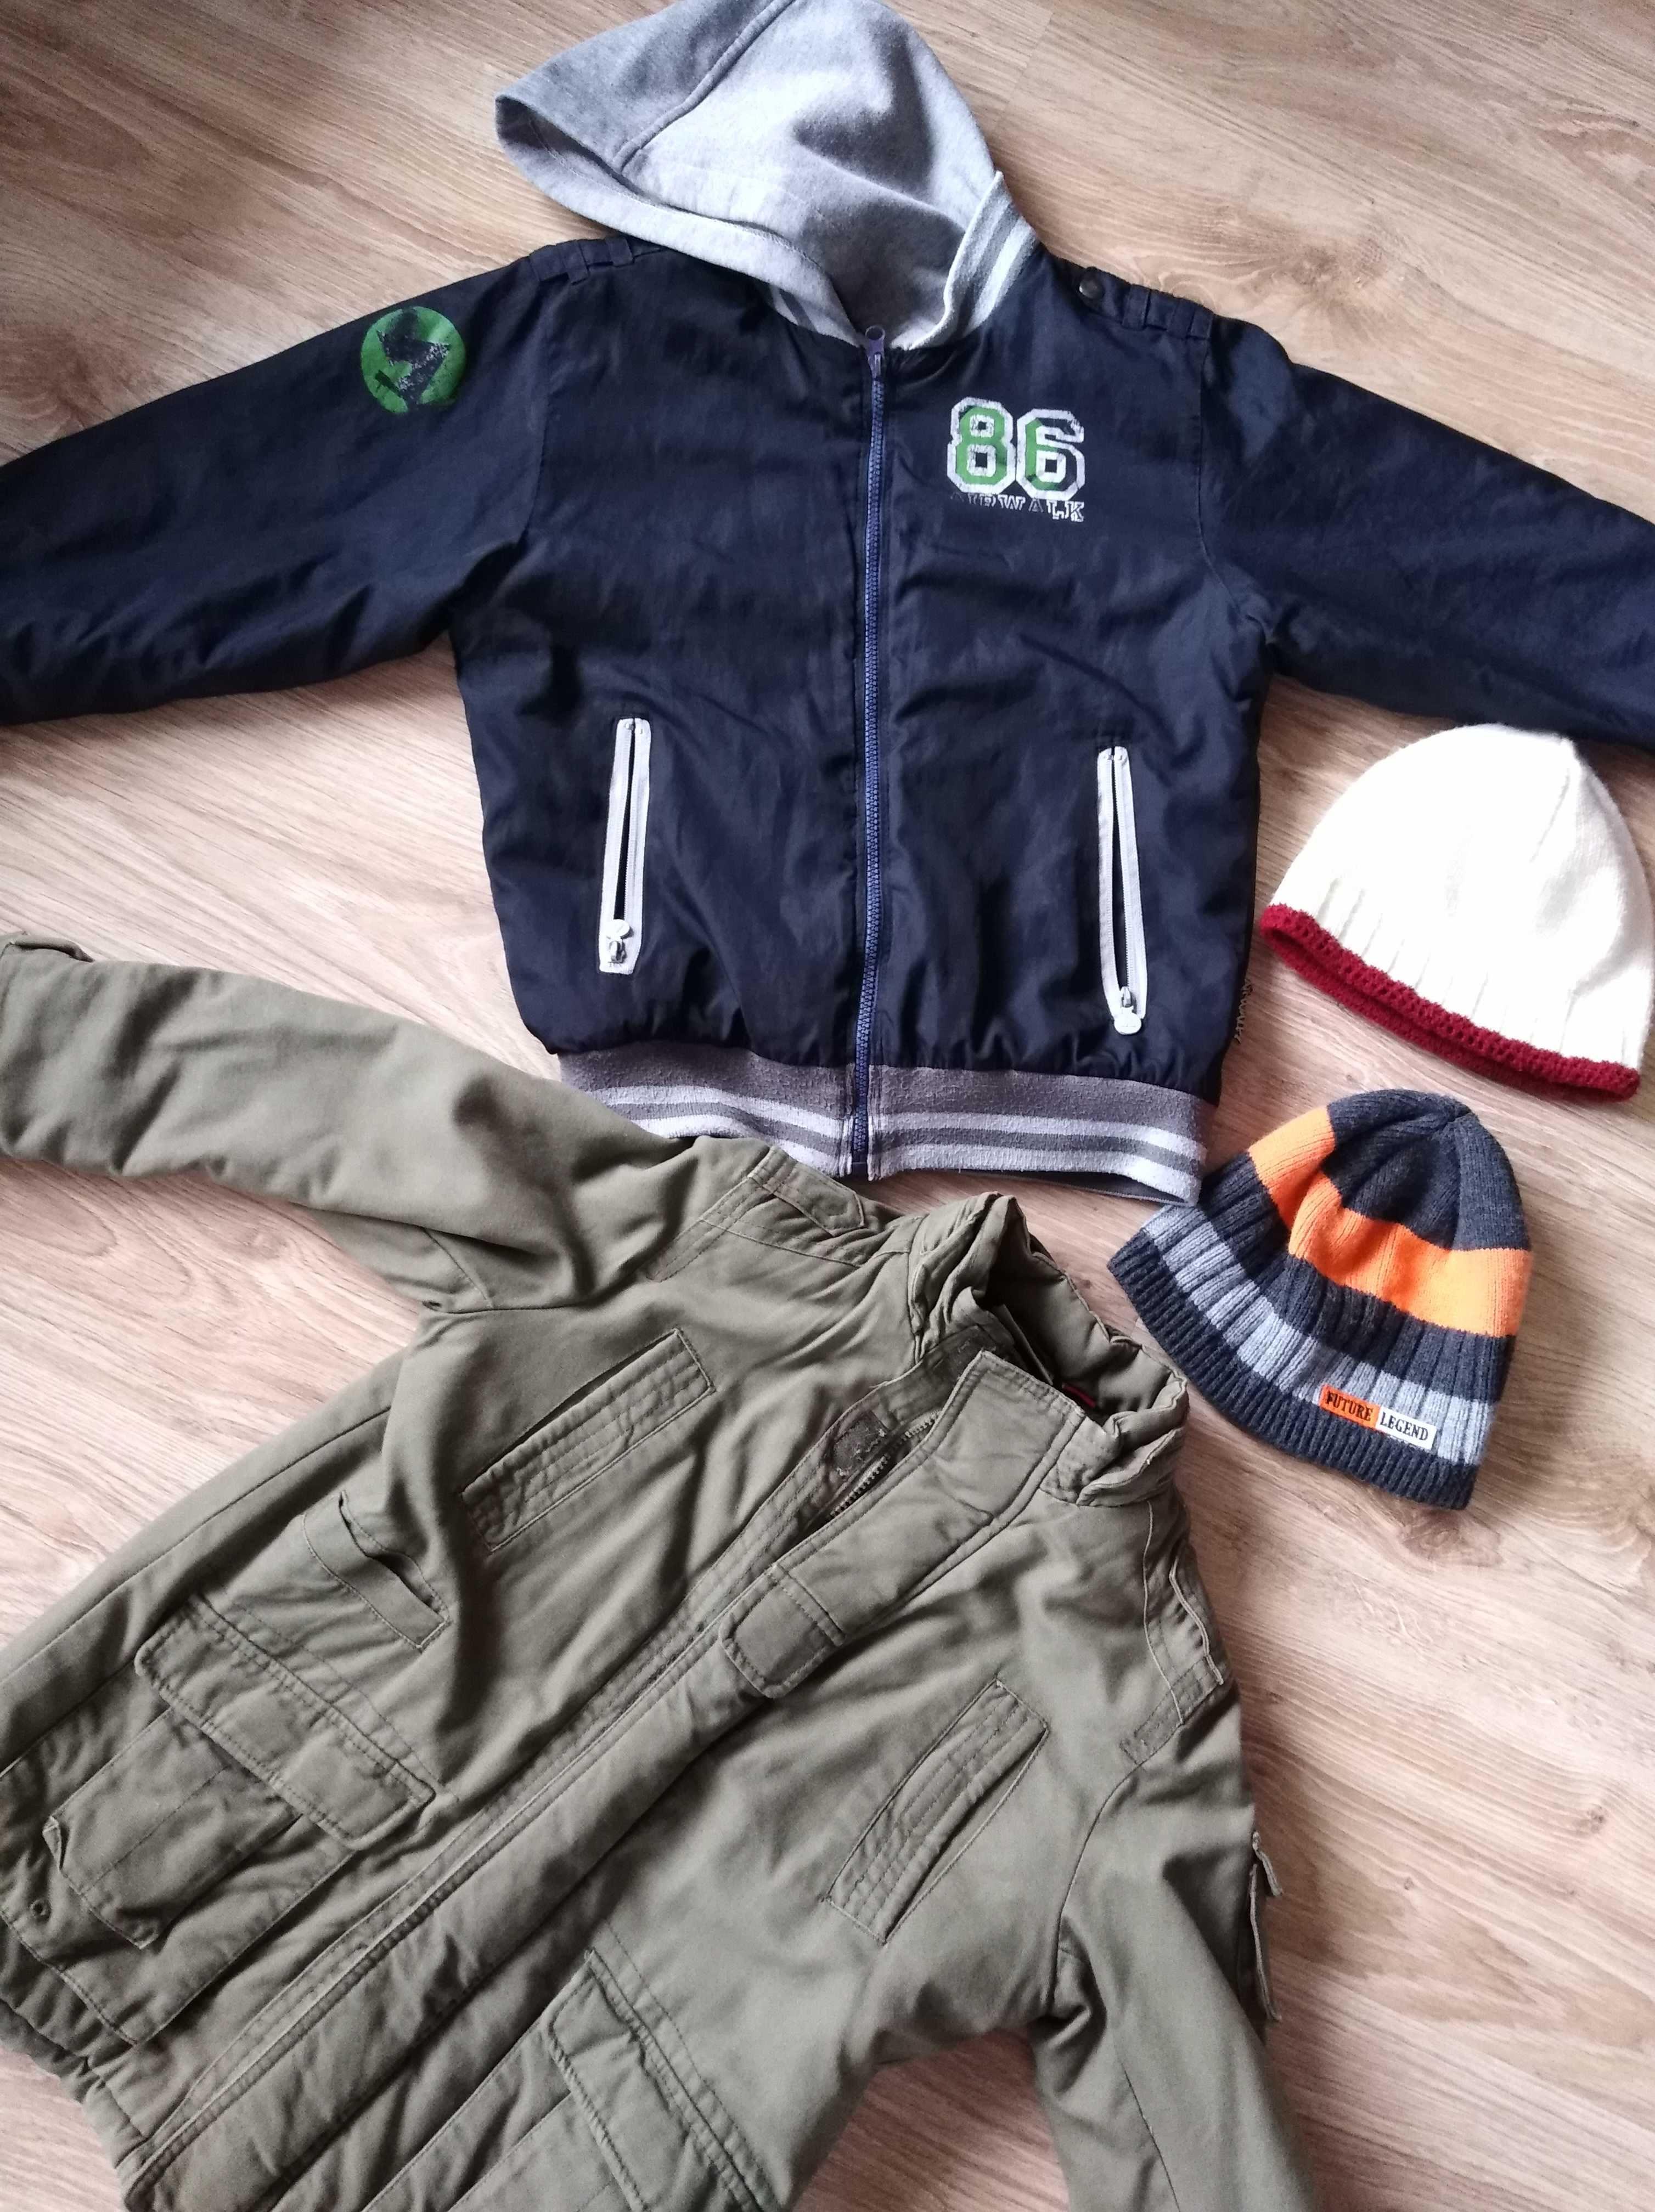 Zestaw chłopiec kurtka, czapka 8,10 lat